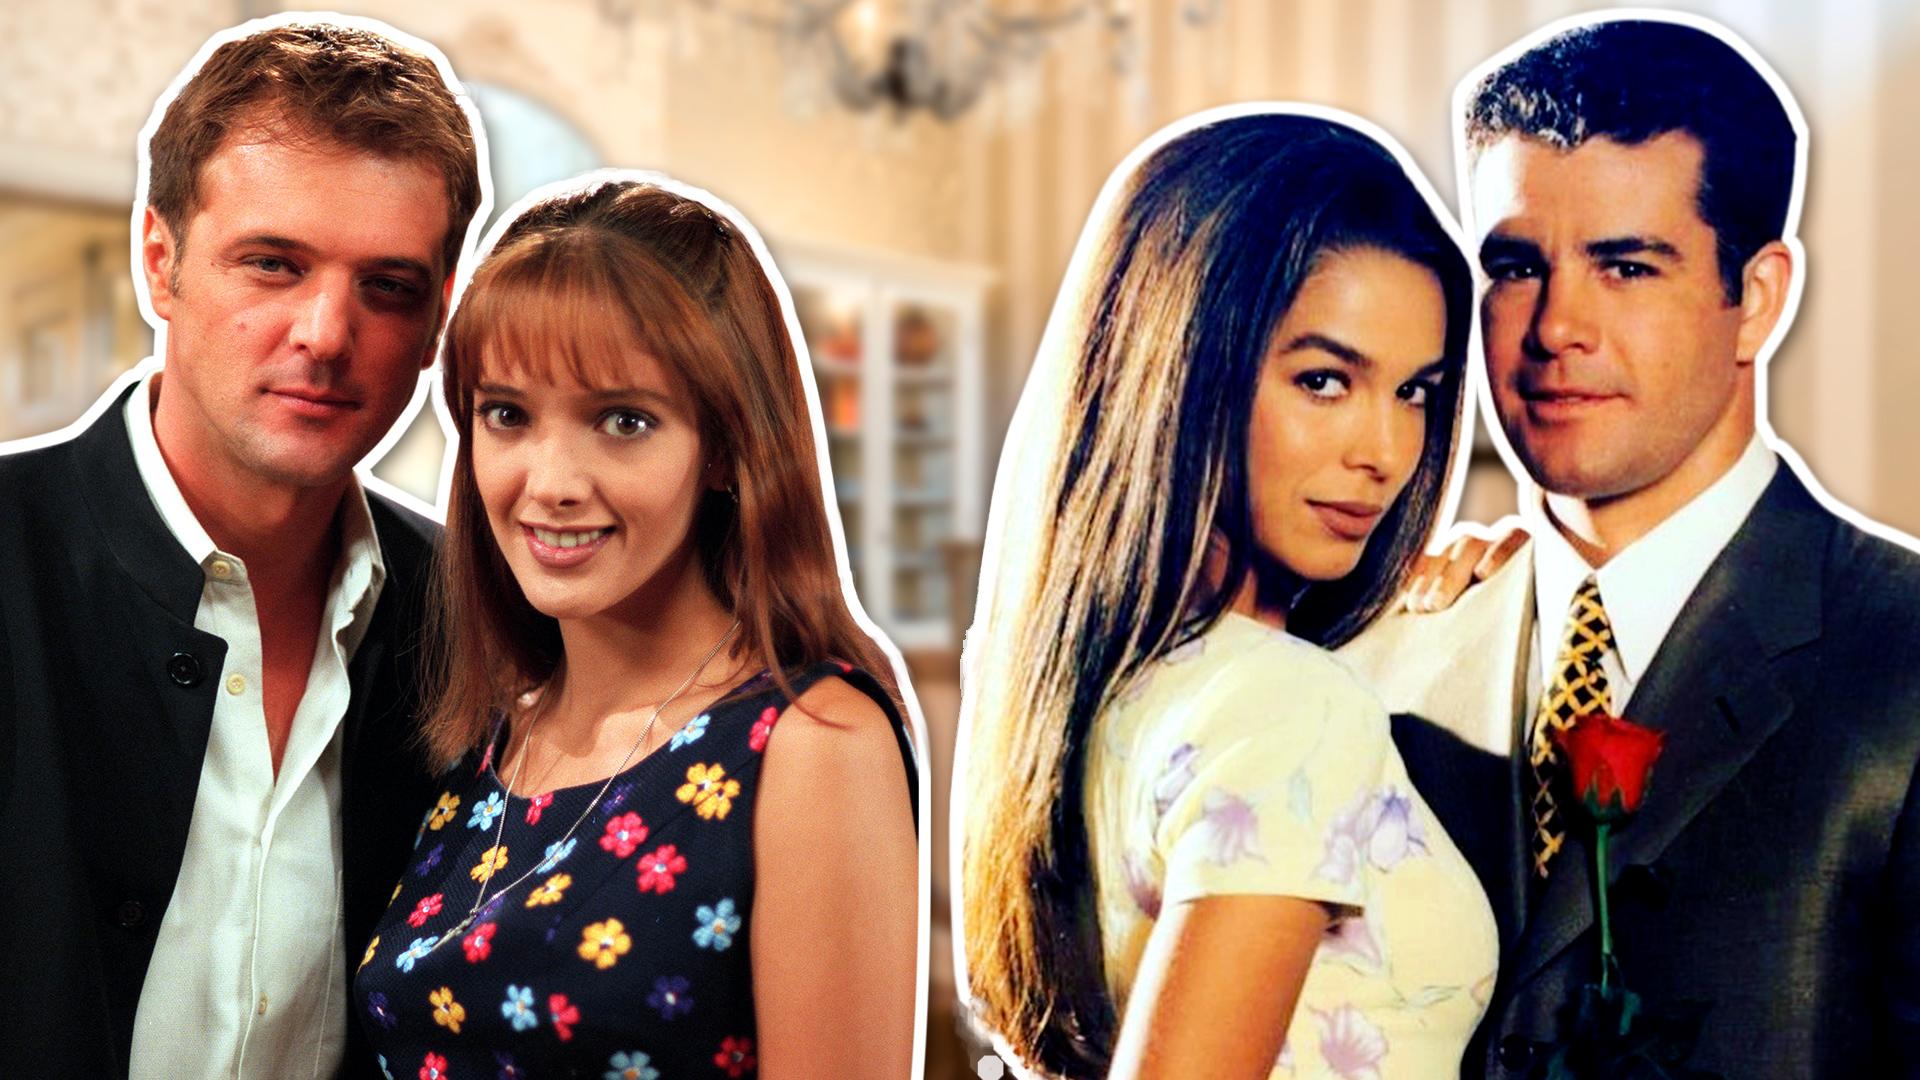 'La usurpadora', 'Vivo por Elena' y otras telenovelas que ya cumplieron 20 años